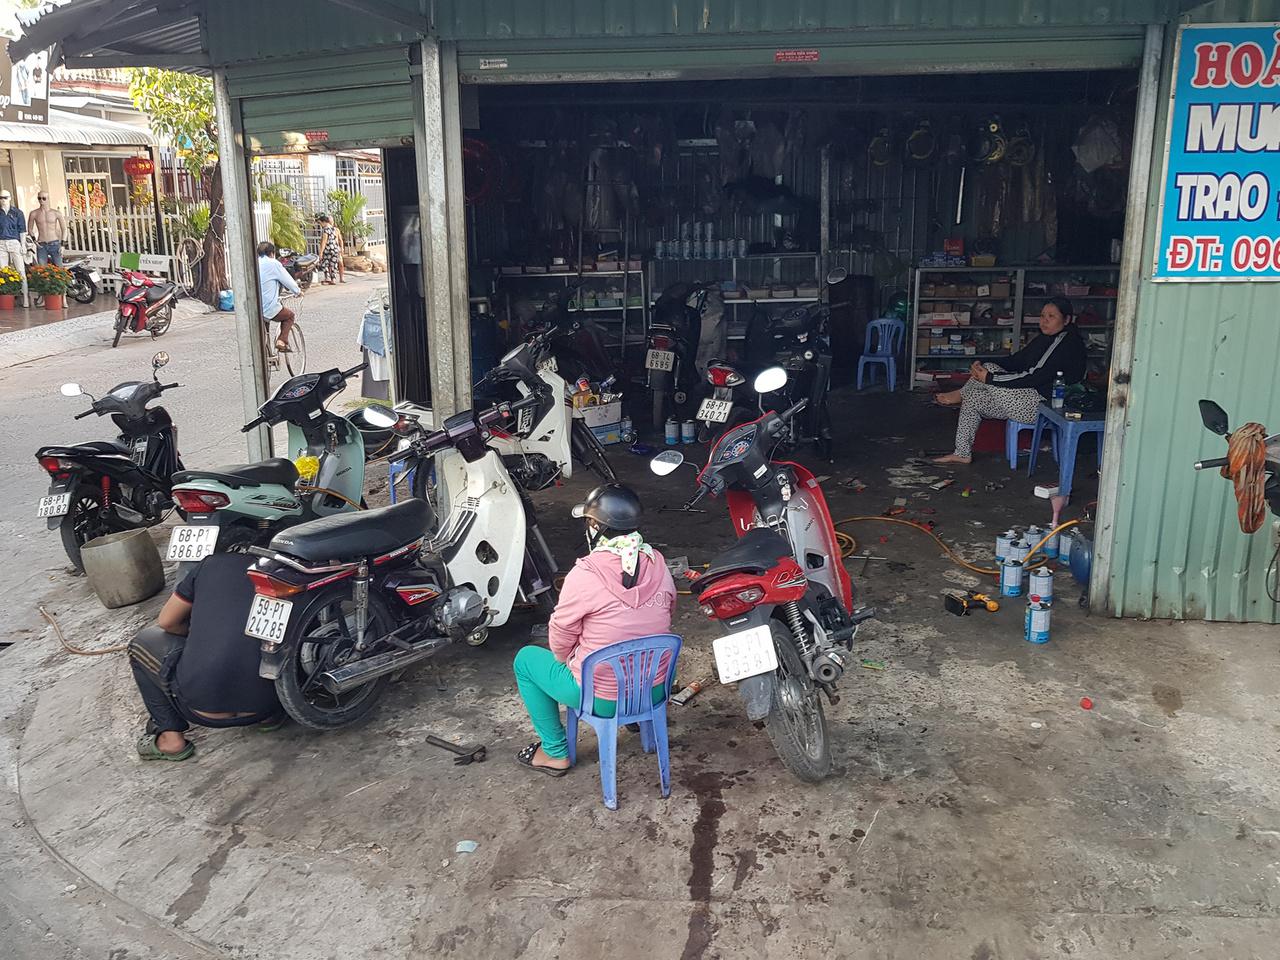 Egy az ezernyi robogószerviz közül. Ez még a tisztább, rendezettebbek közül való, elképesztő az igénytelenség és mocsok, amivel a vietnámiak jó része együtt él. Remek példa volt látni a Phu Quoc régi repülőtéri futópályáján rendezett újévi piacot reggel és este. Gyakorlatilag minden szemetet úgy hagytak ott az út mellett az árusok, mint eb a szarát. Kilométer hosszan térdig lehetett gázolni a csomagolóanyagokban, korhadt növényekben.